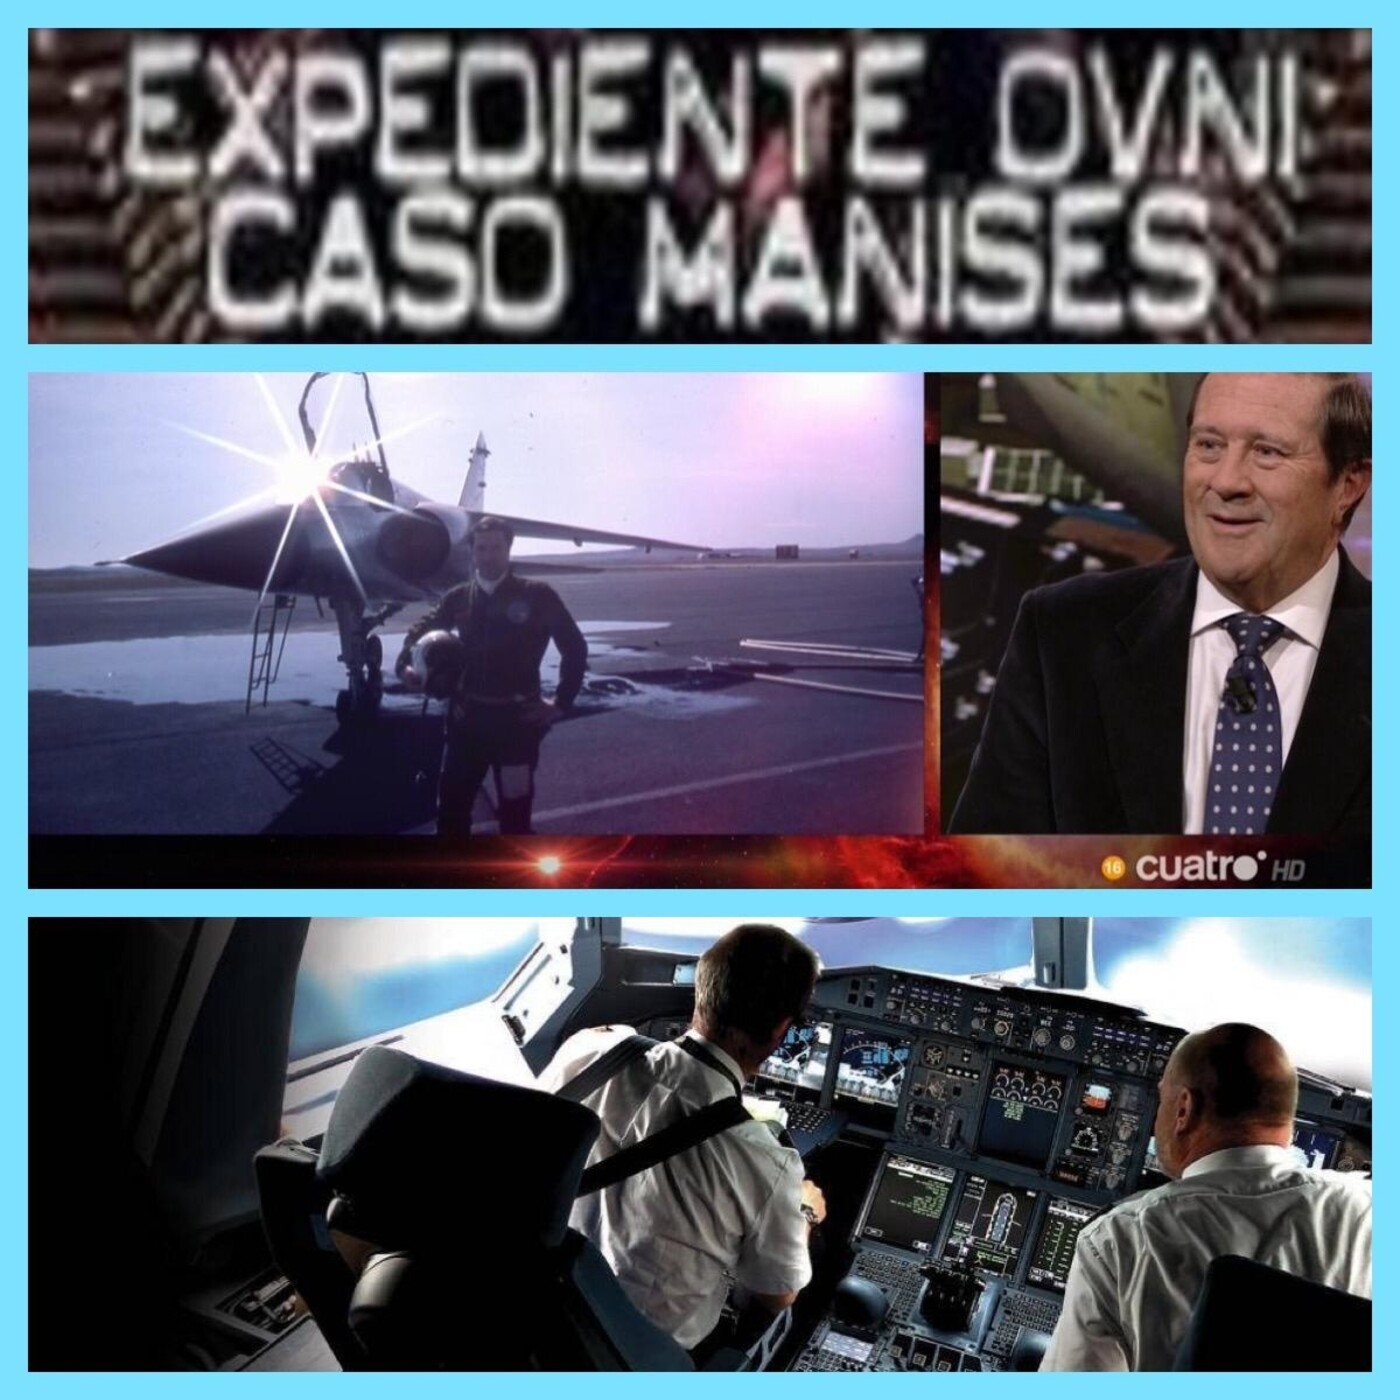 Expediente OVNI... Caso Manises, con Fernando Cámara.